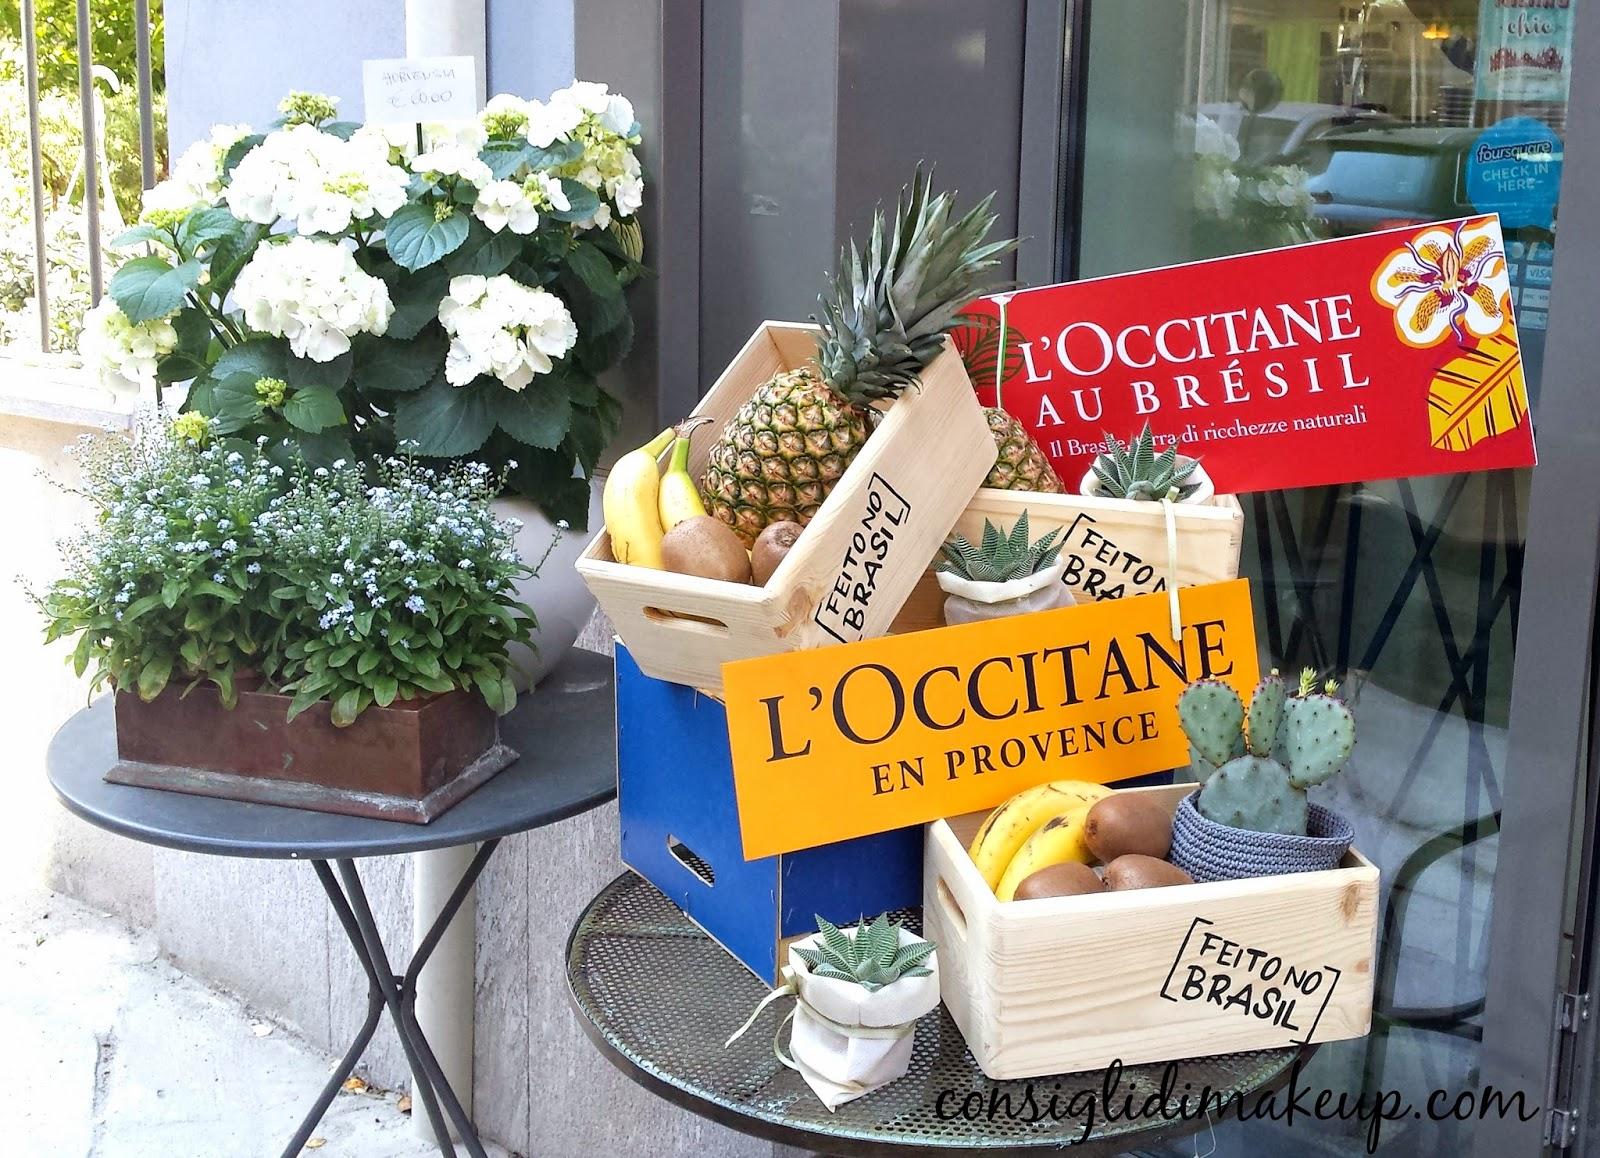 l'occitane au bresil